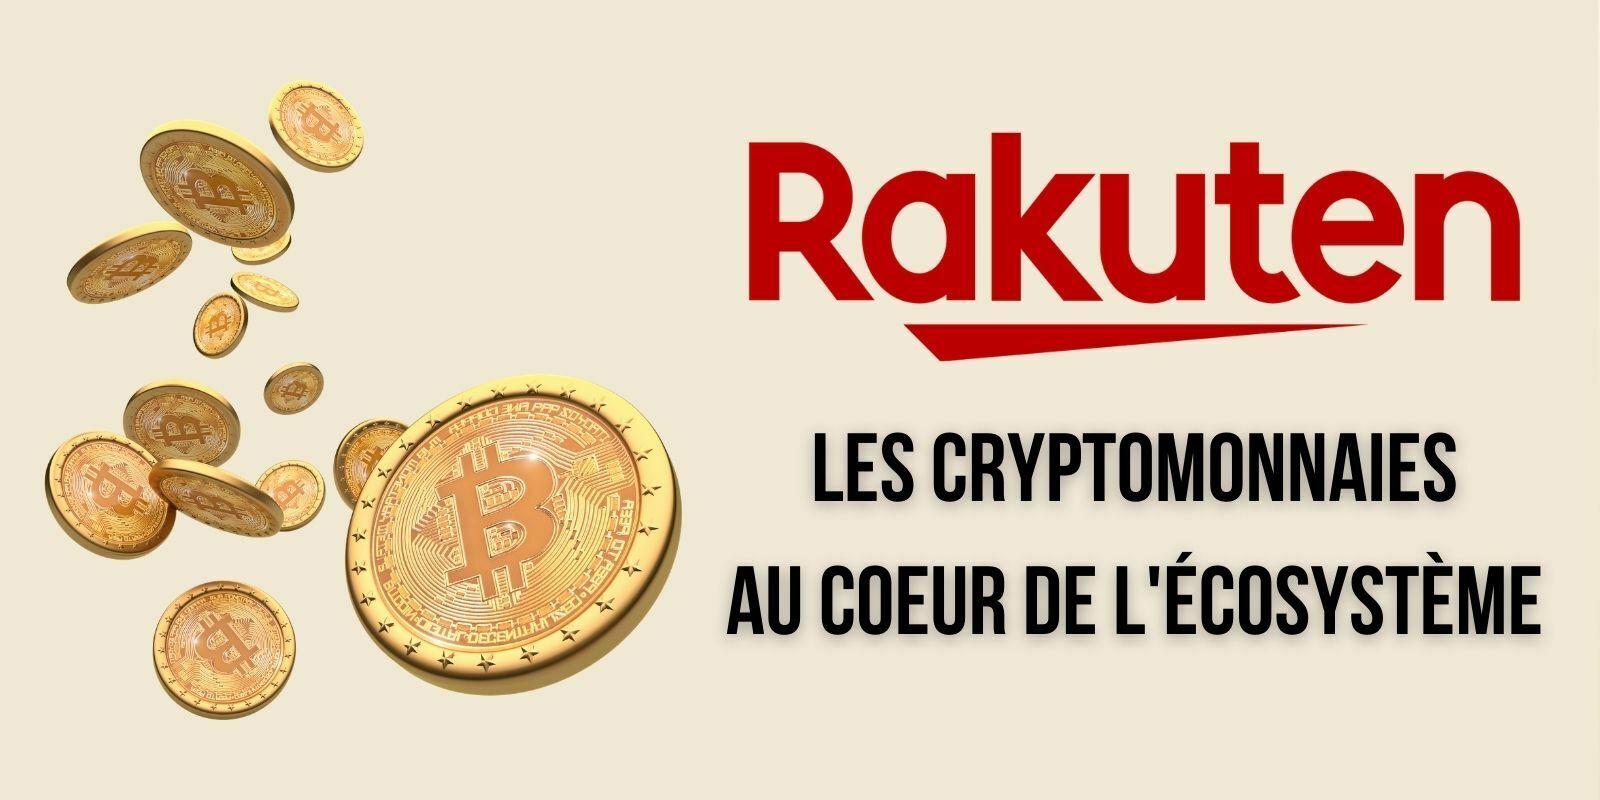 Le géant du e-commerce Rakuten intègre les cryptomonnaies à son application de paiement